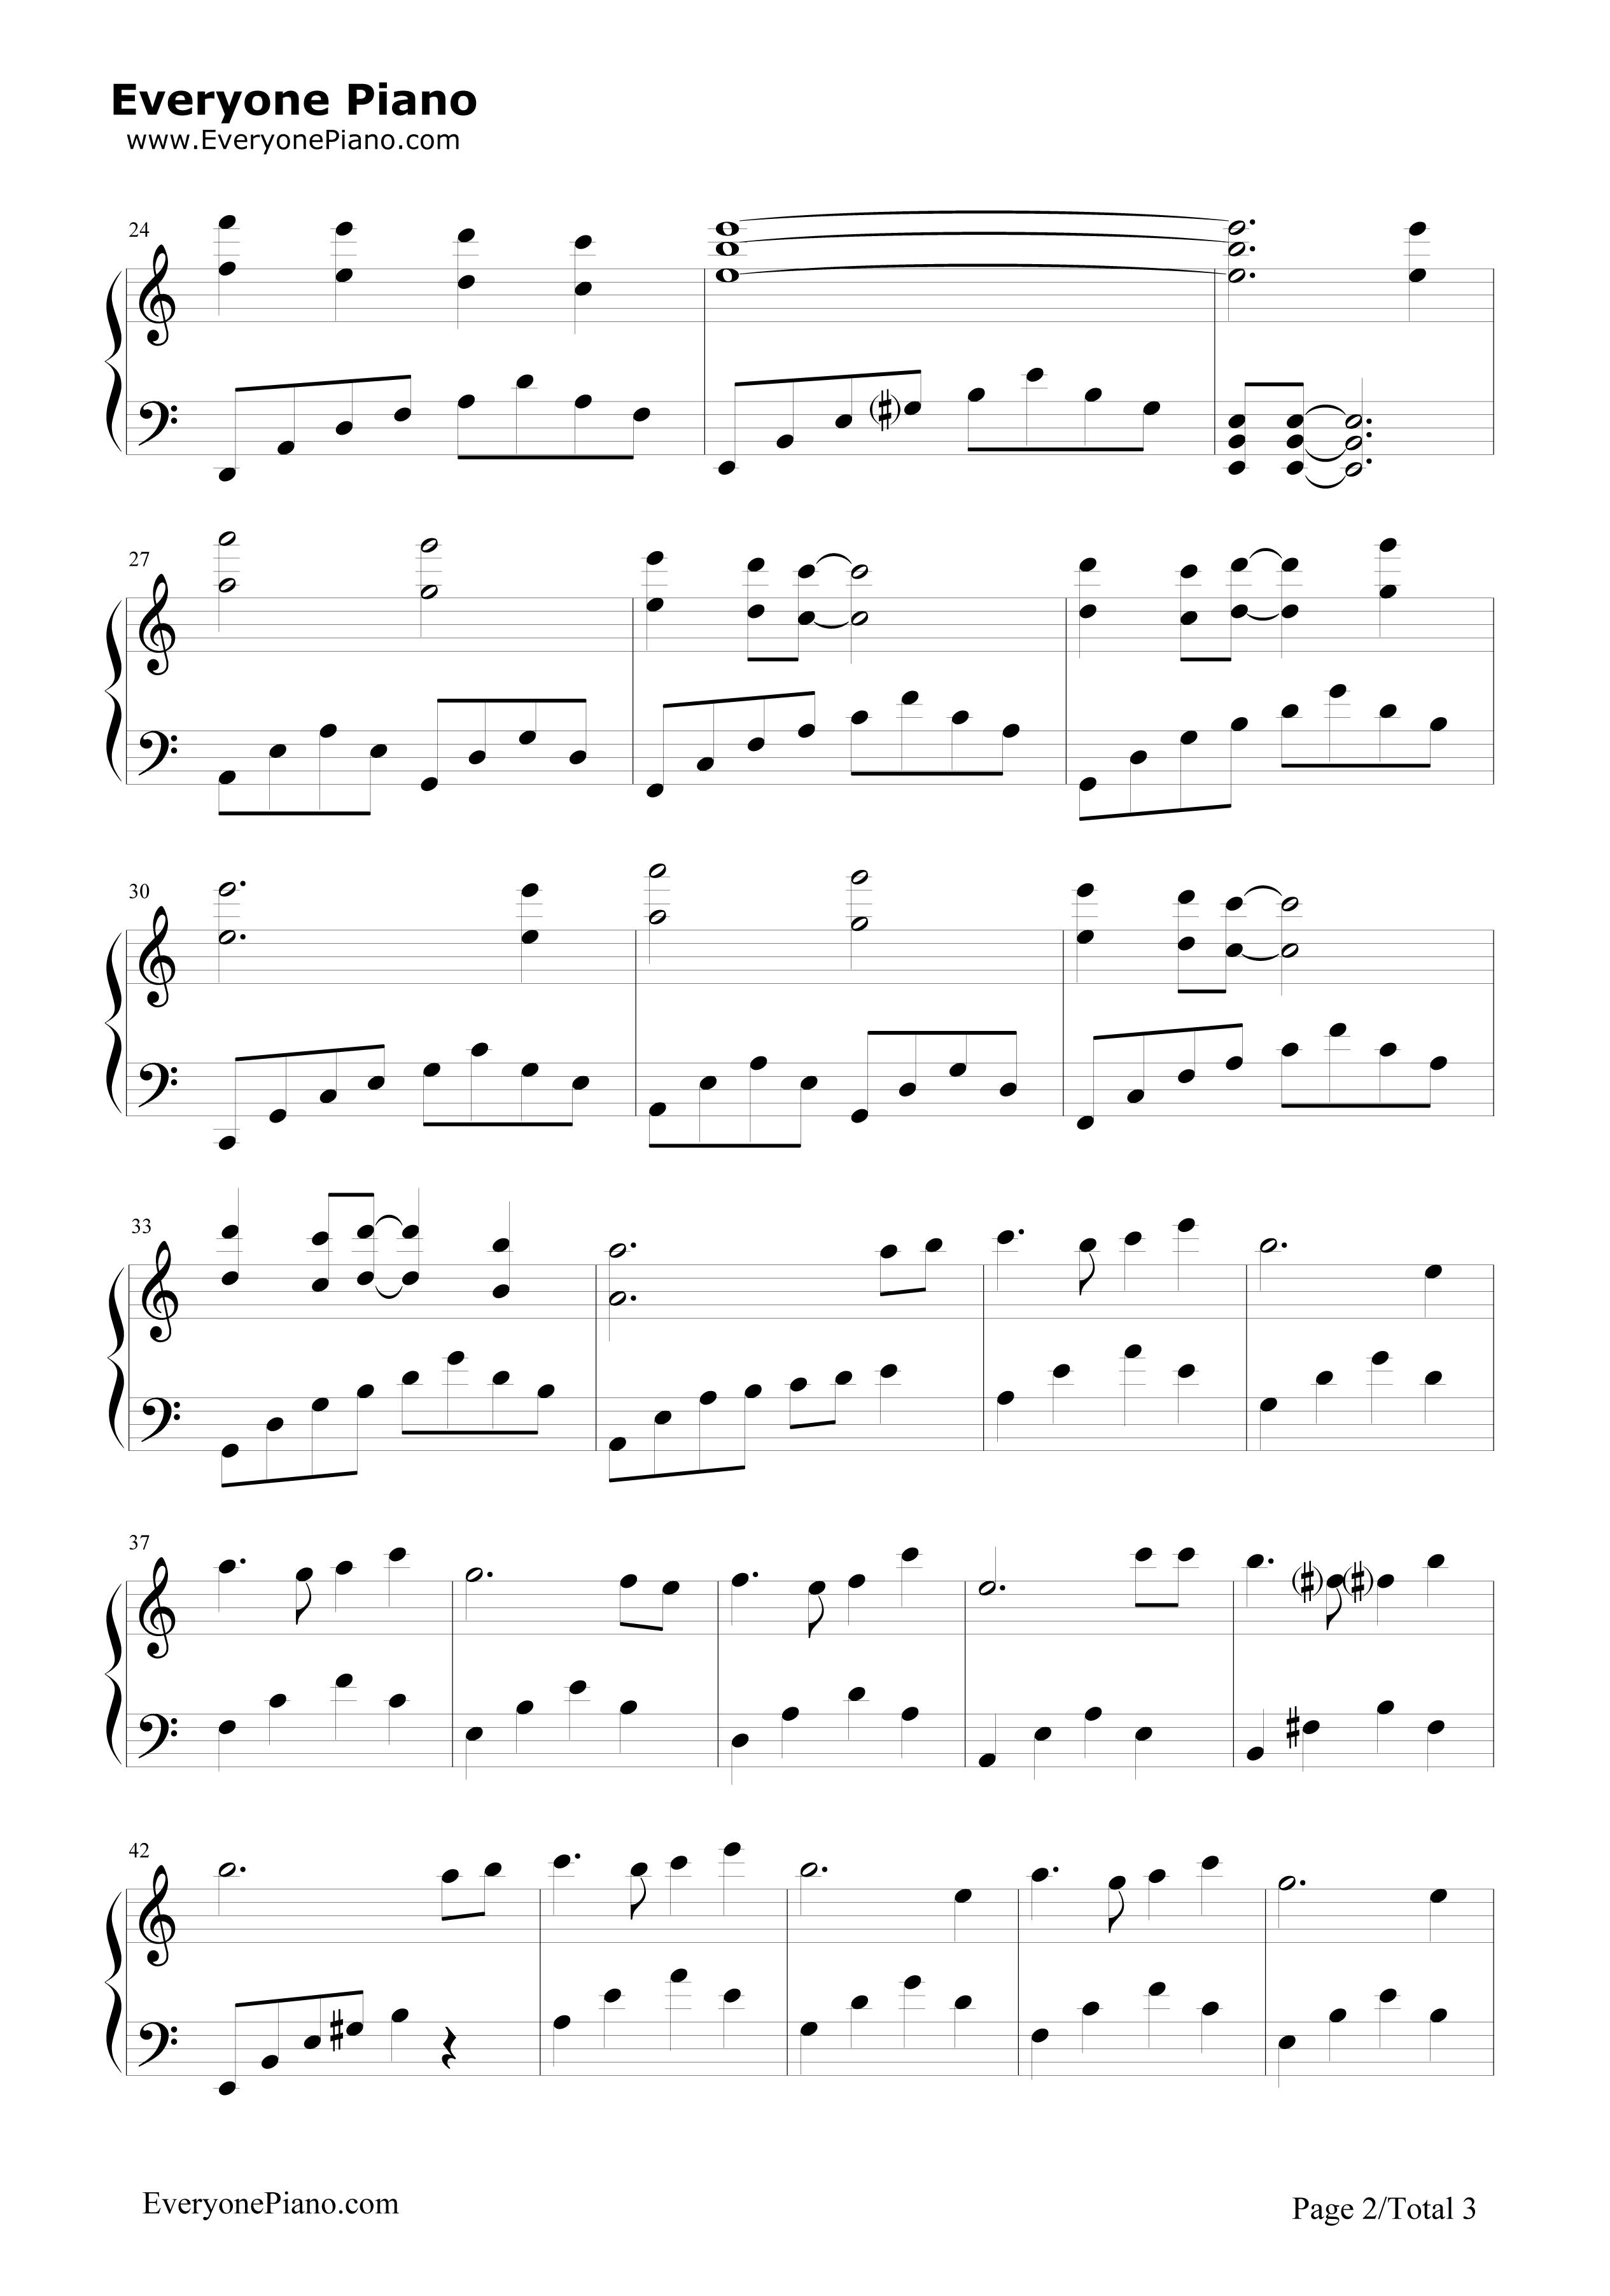 天空之城完美简单版-eop教学曲五线谱预览2-钢琴谱(,)图片